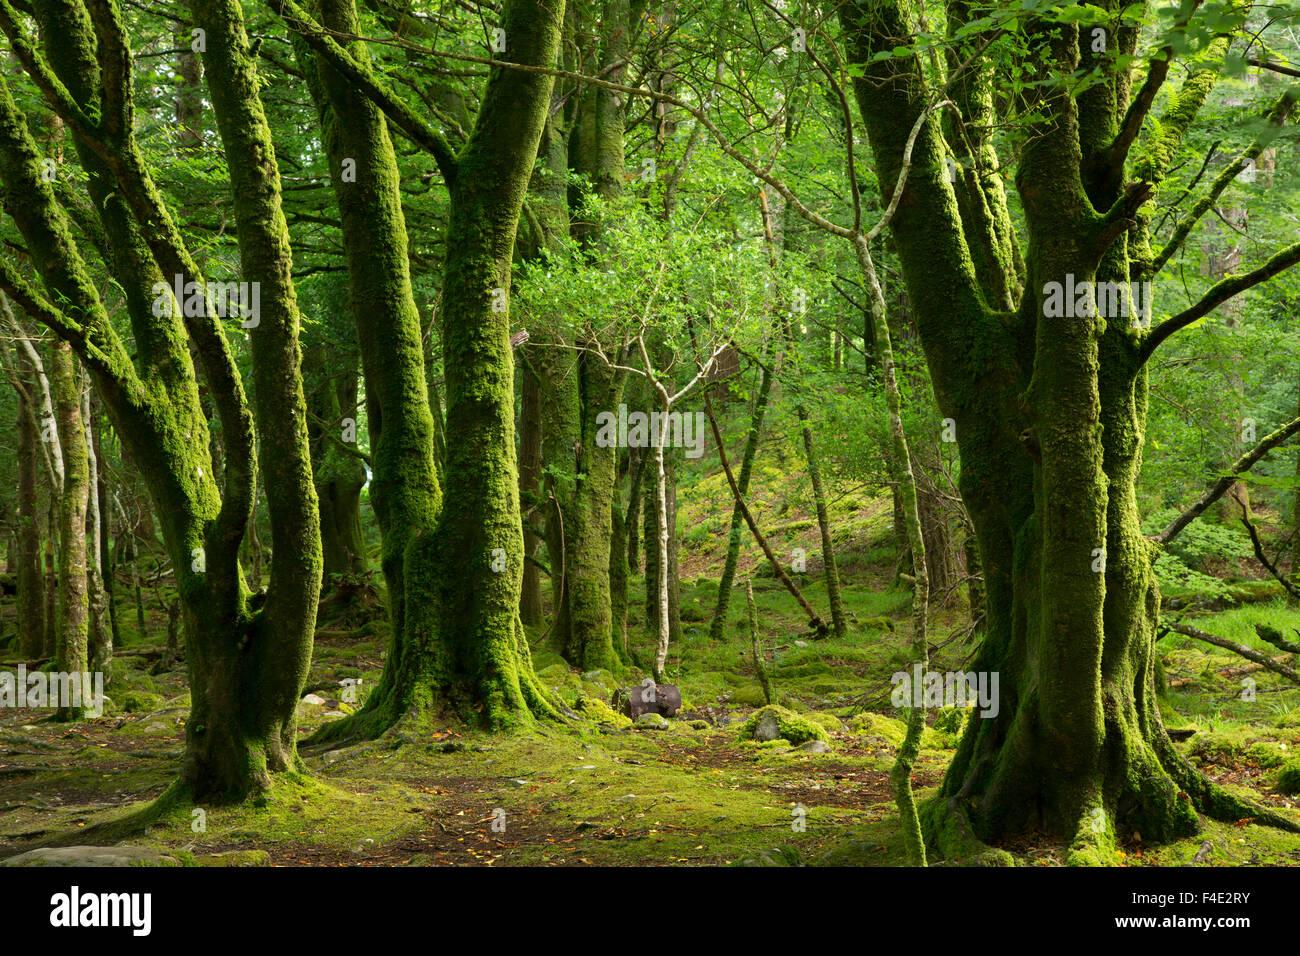 Mossy trees near Torc Waterfalls, Killarney National Park, County Kerry, Ireland - Stock Image